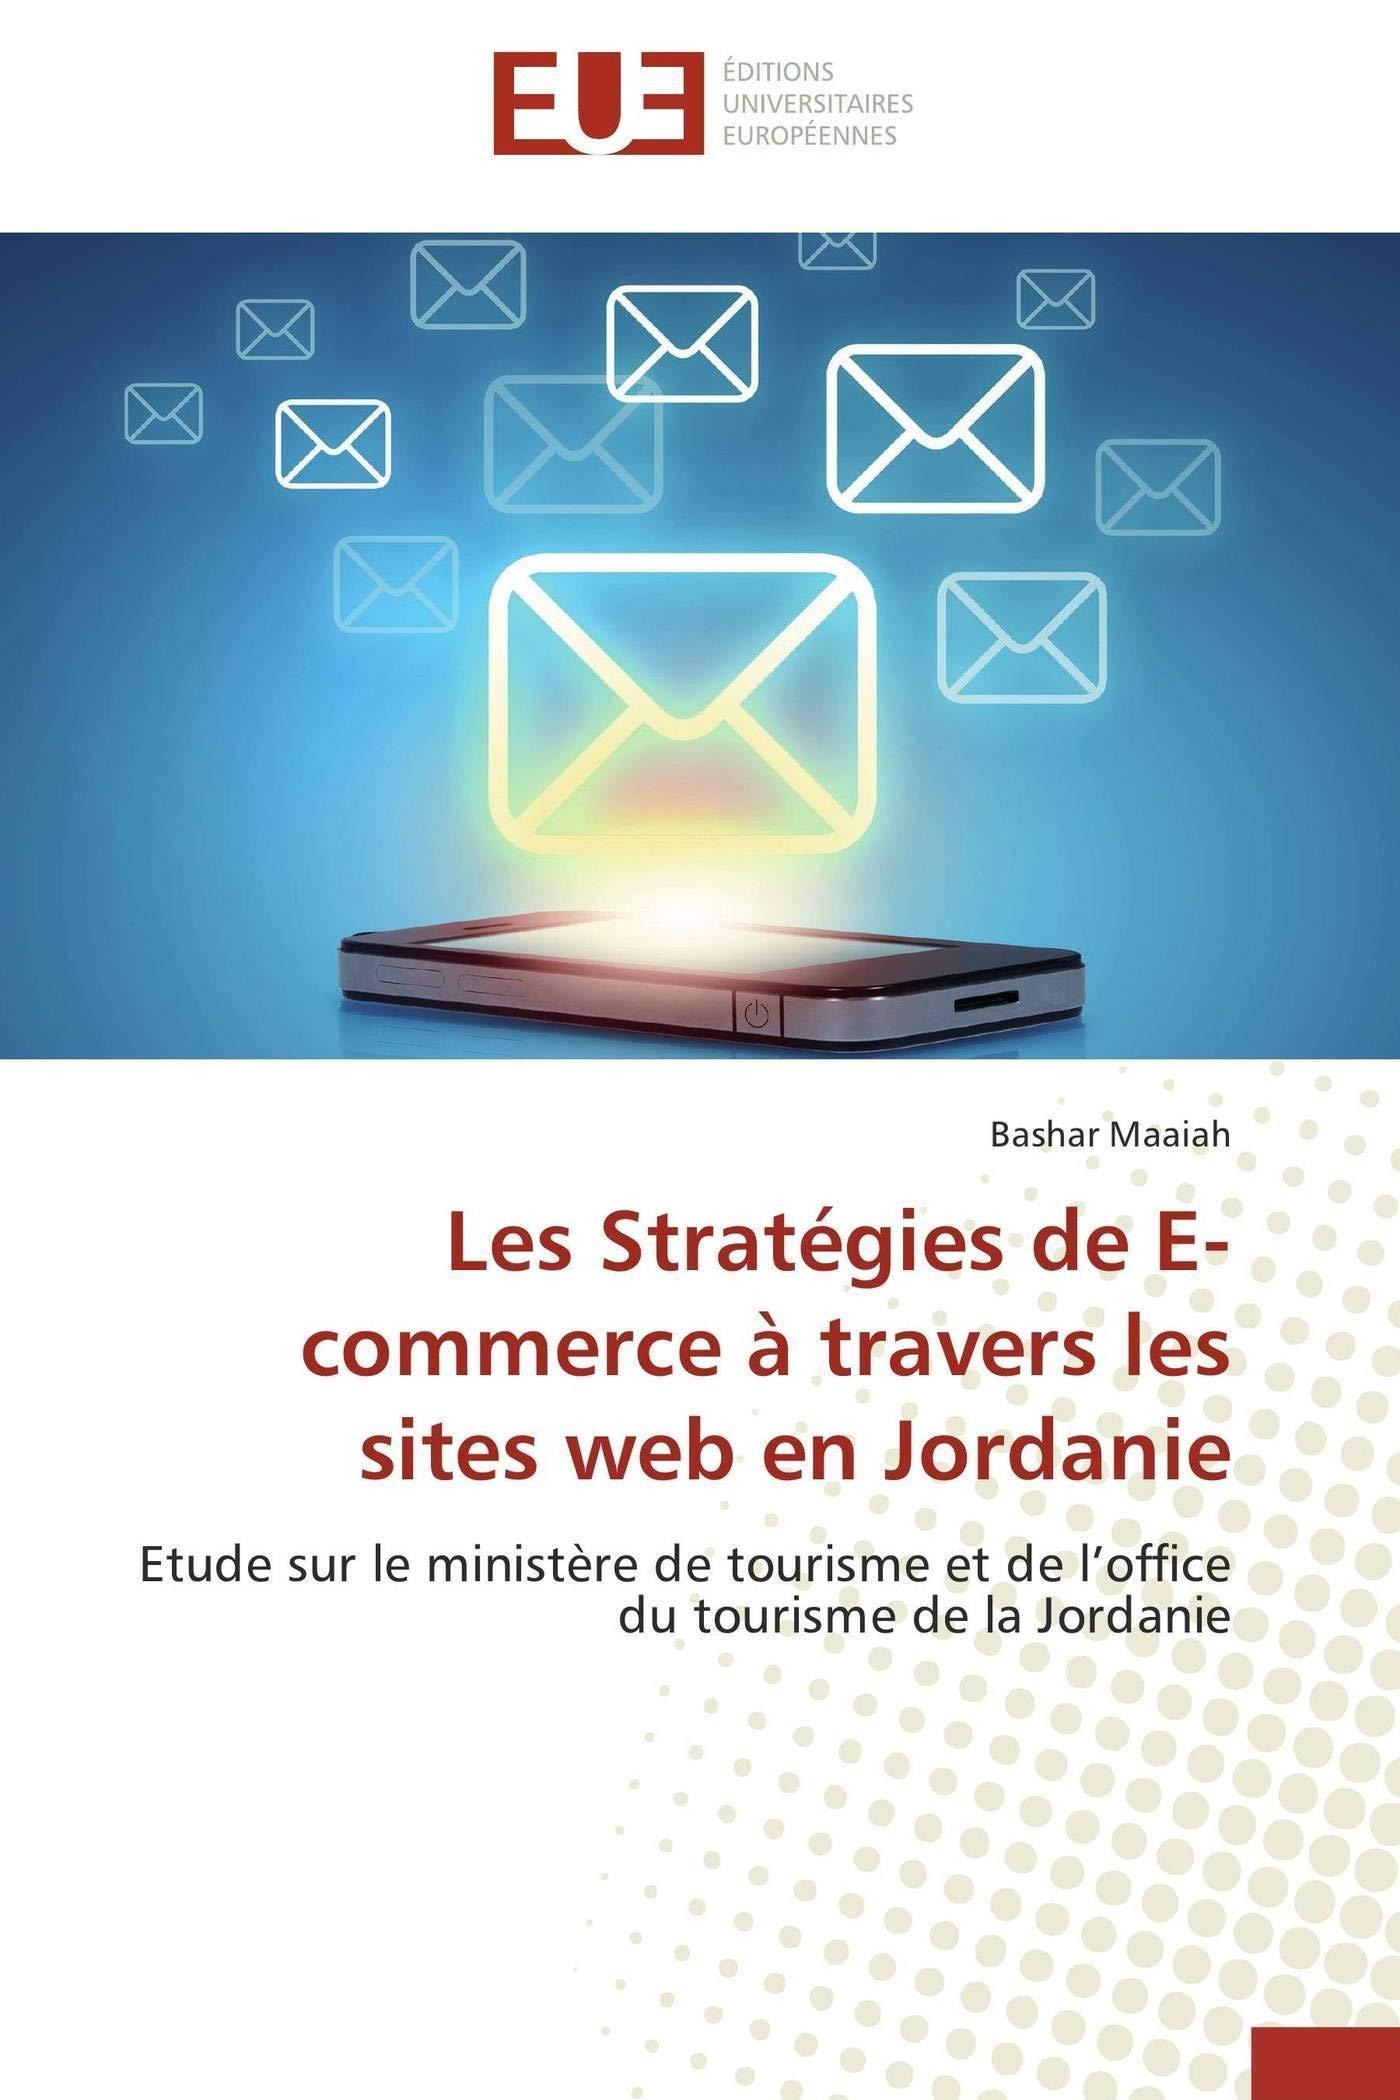 Download Les Stratégies de E-commerce à travers les sites web en Jordanie: Etude sur le ministère de tourisme et de l'office du tourisme de la Jordanie (French Edition) ebook